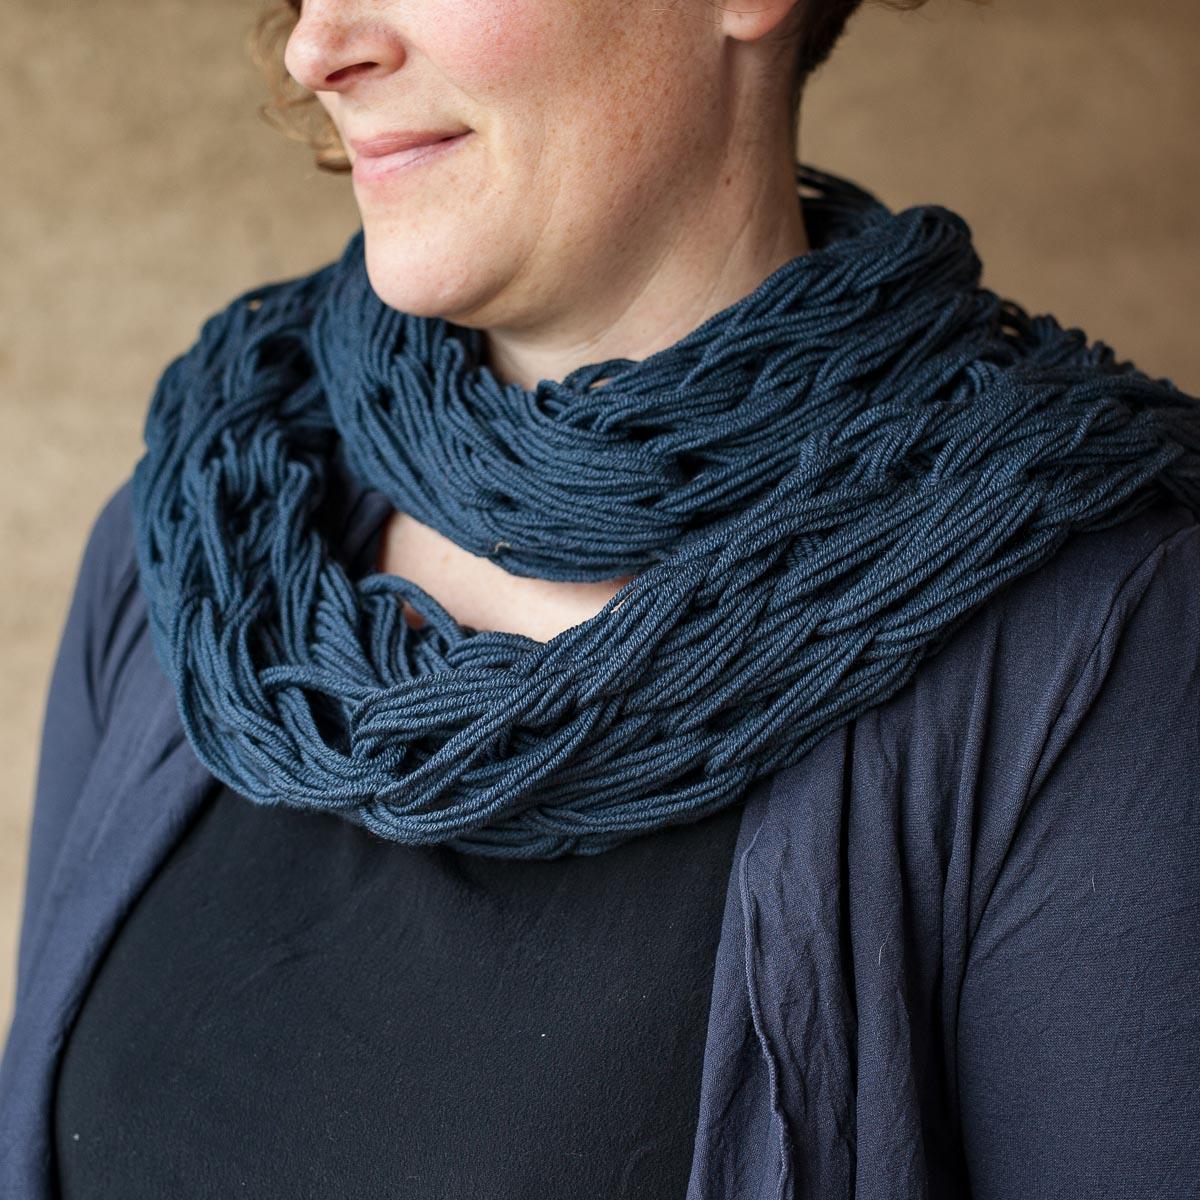 scarf4-2345.jpg